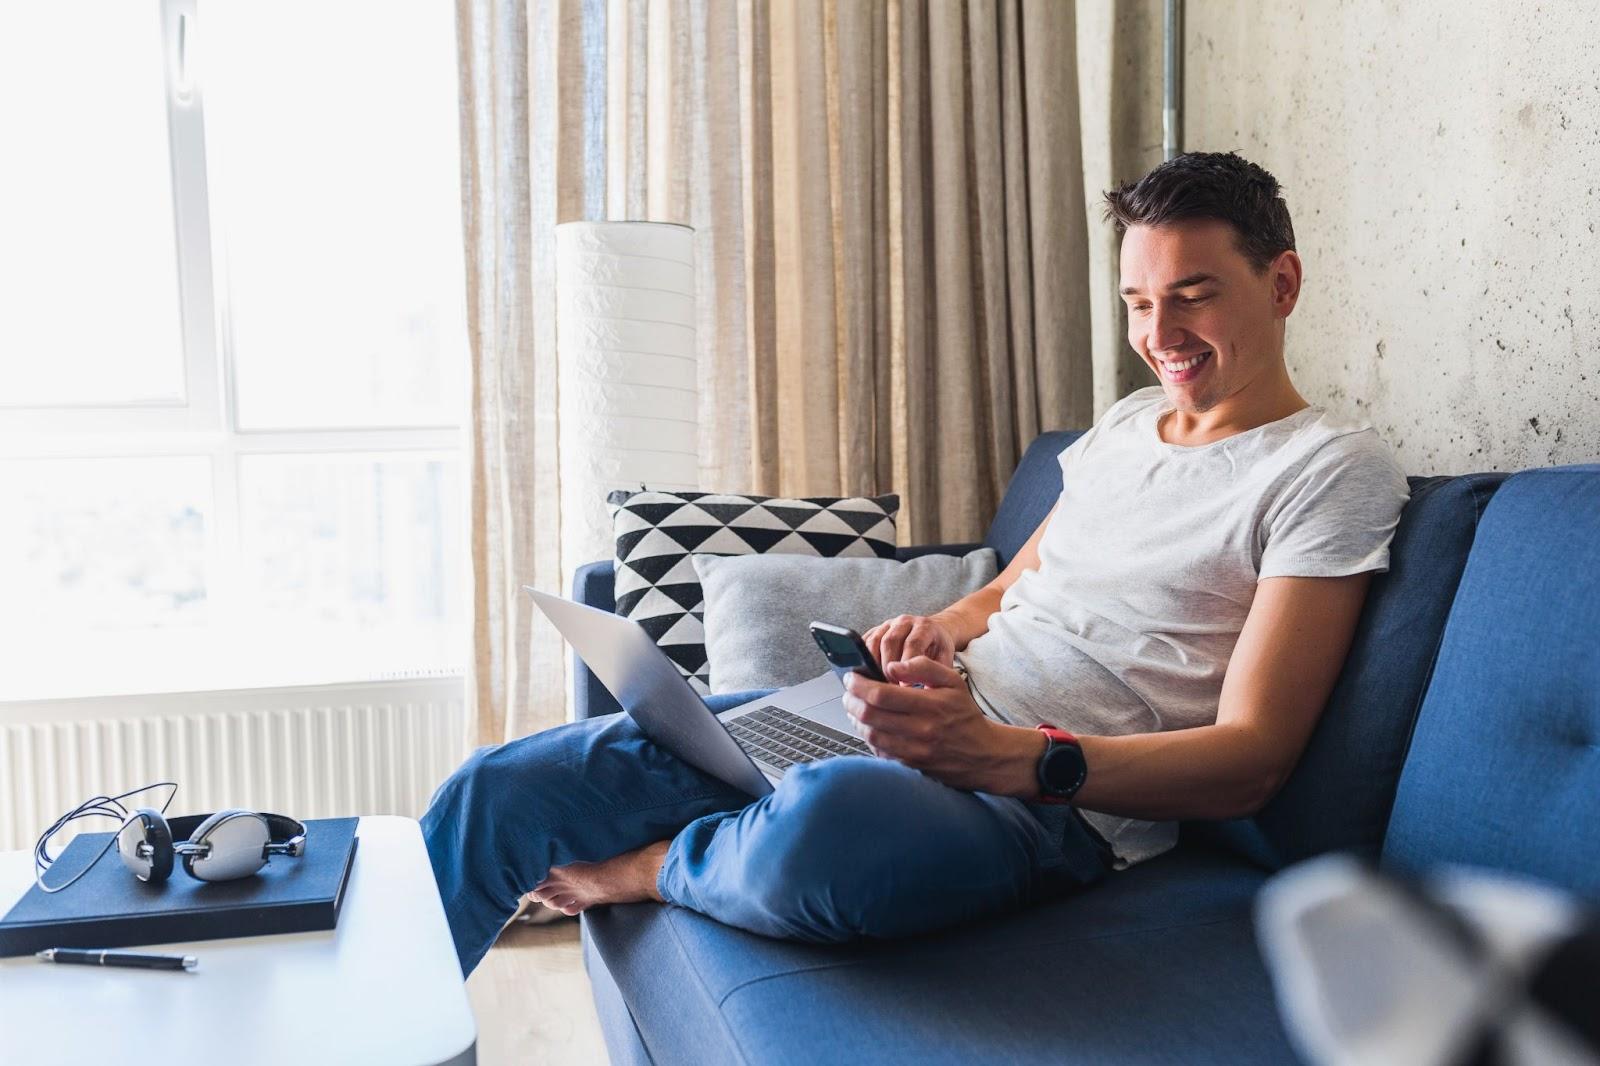 Homem sentado no sofá com celular na mão